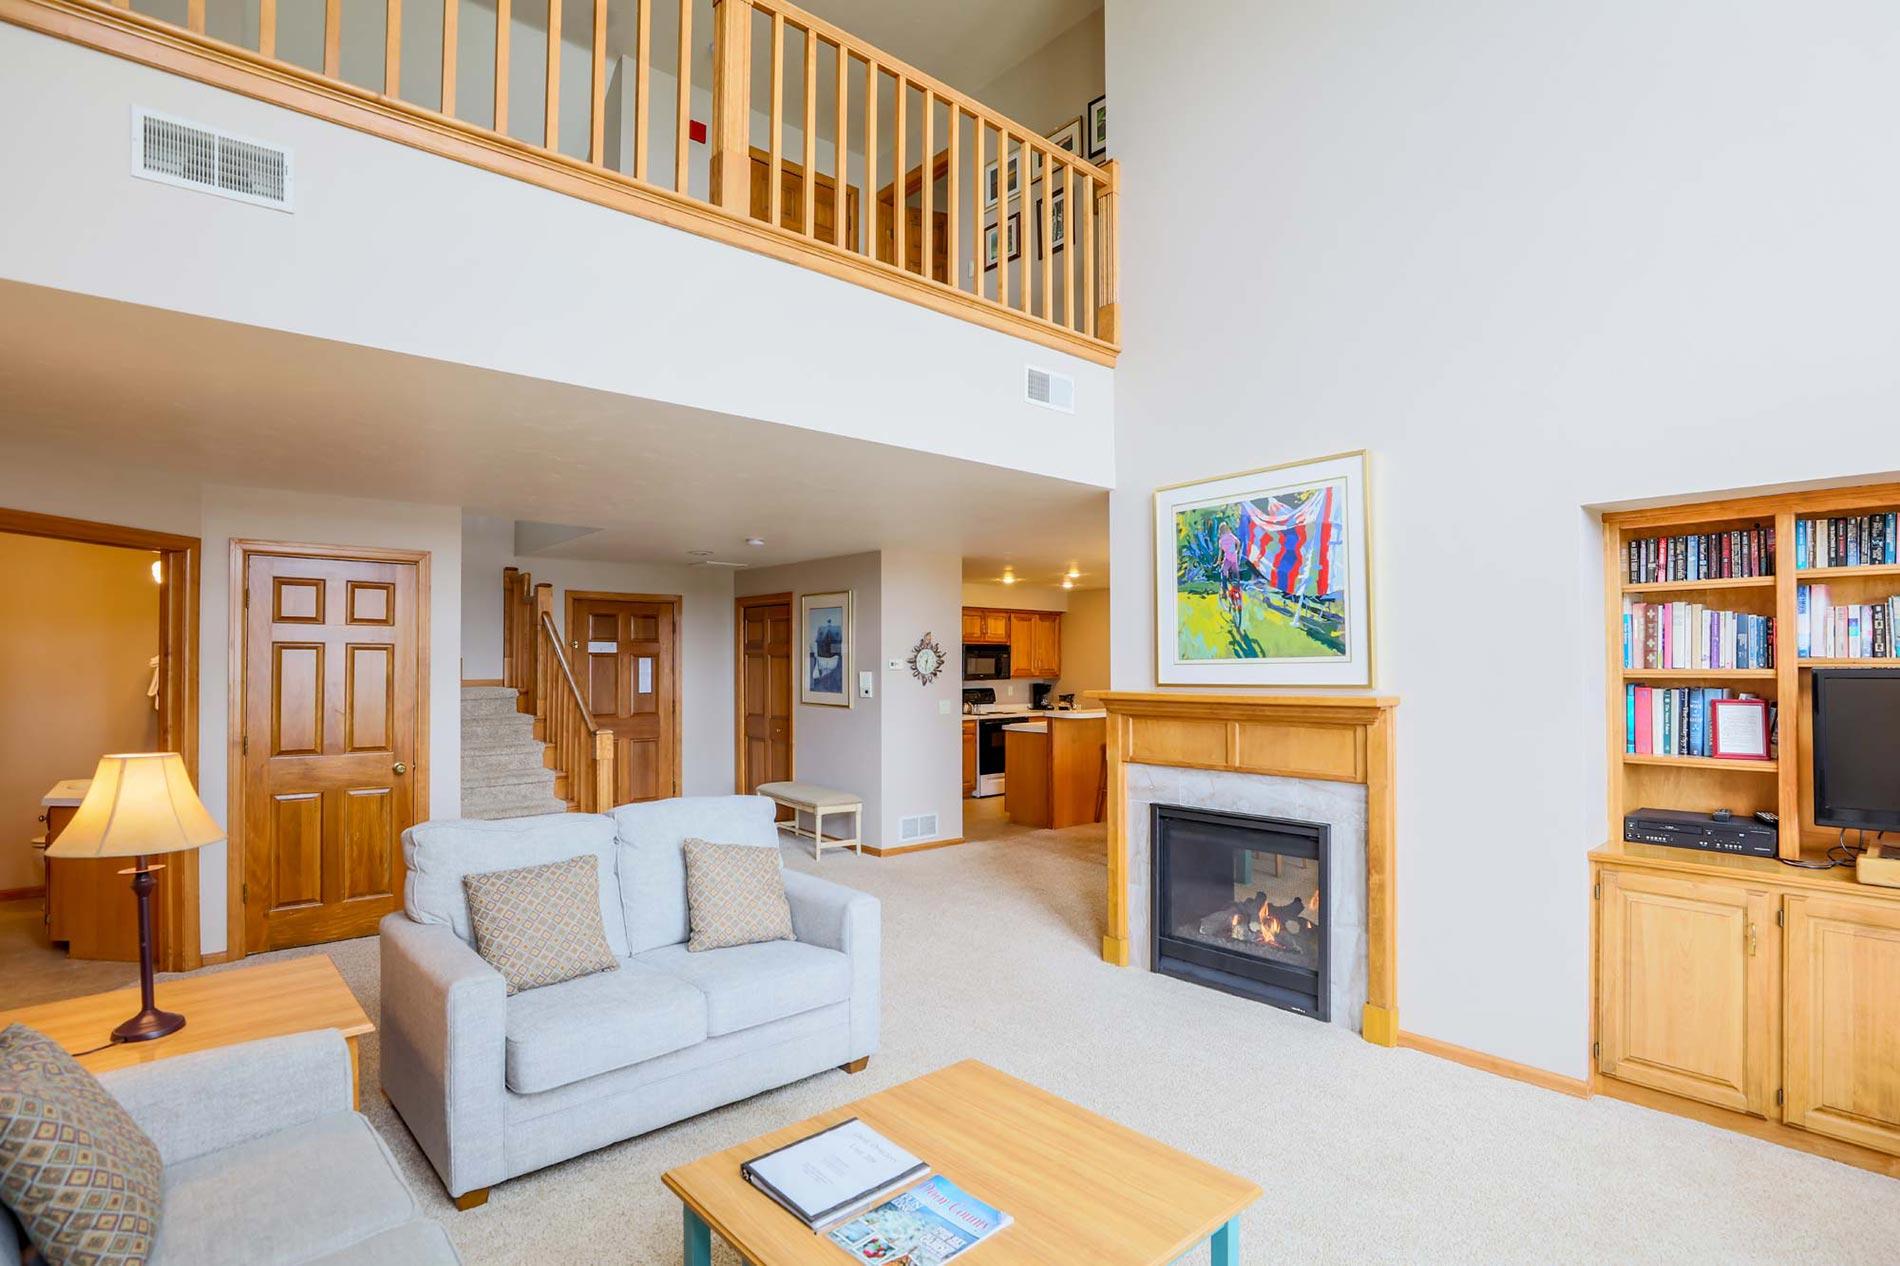 Three Bedroom Living Room of Glidden Lodge, one of the Best Door County Hotels